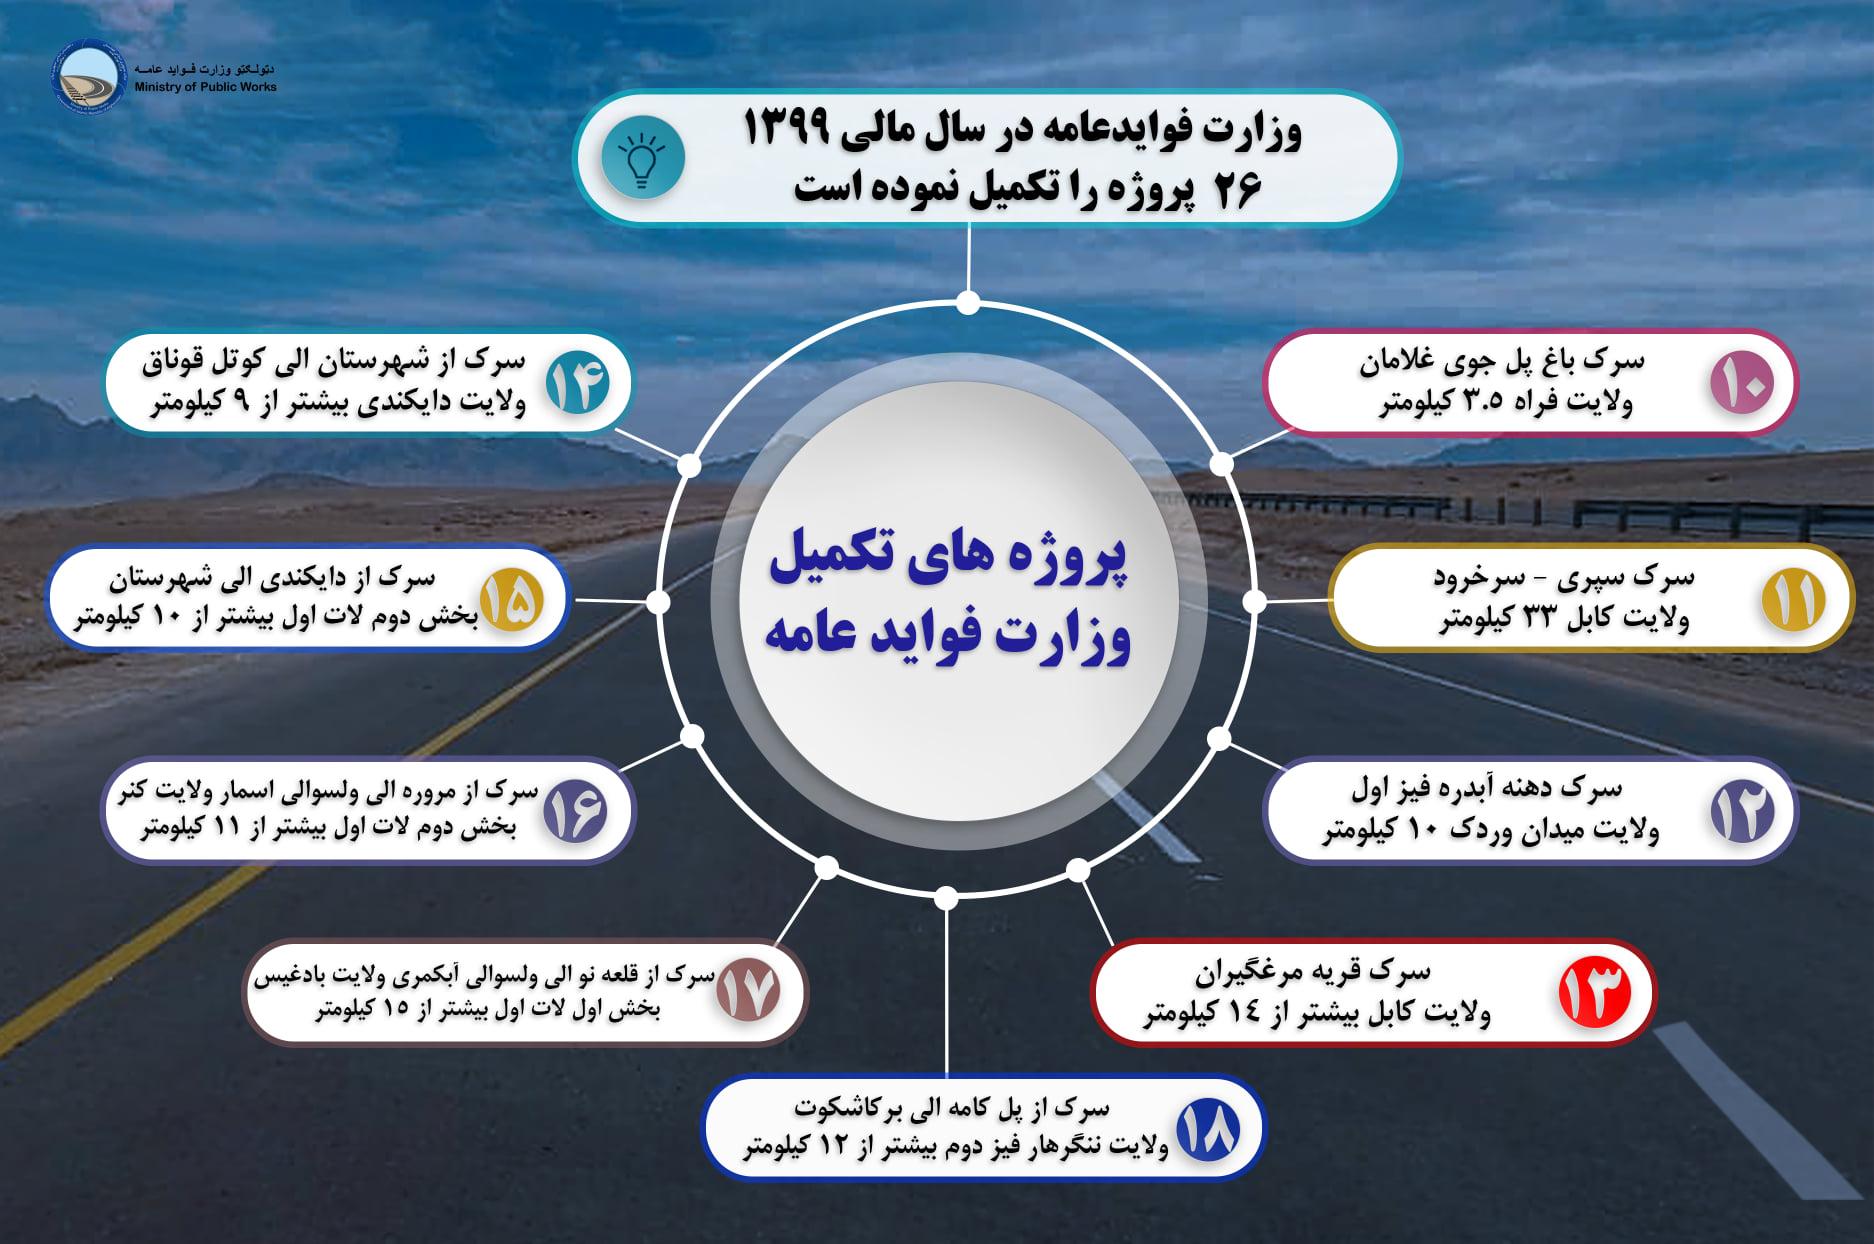 وزارت فوایدعامه در سال مالی  ۱۳۹۹، ۲۶ پروژه را تکمیل نموده است.